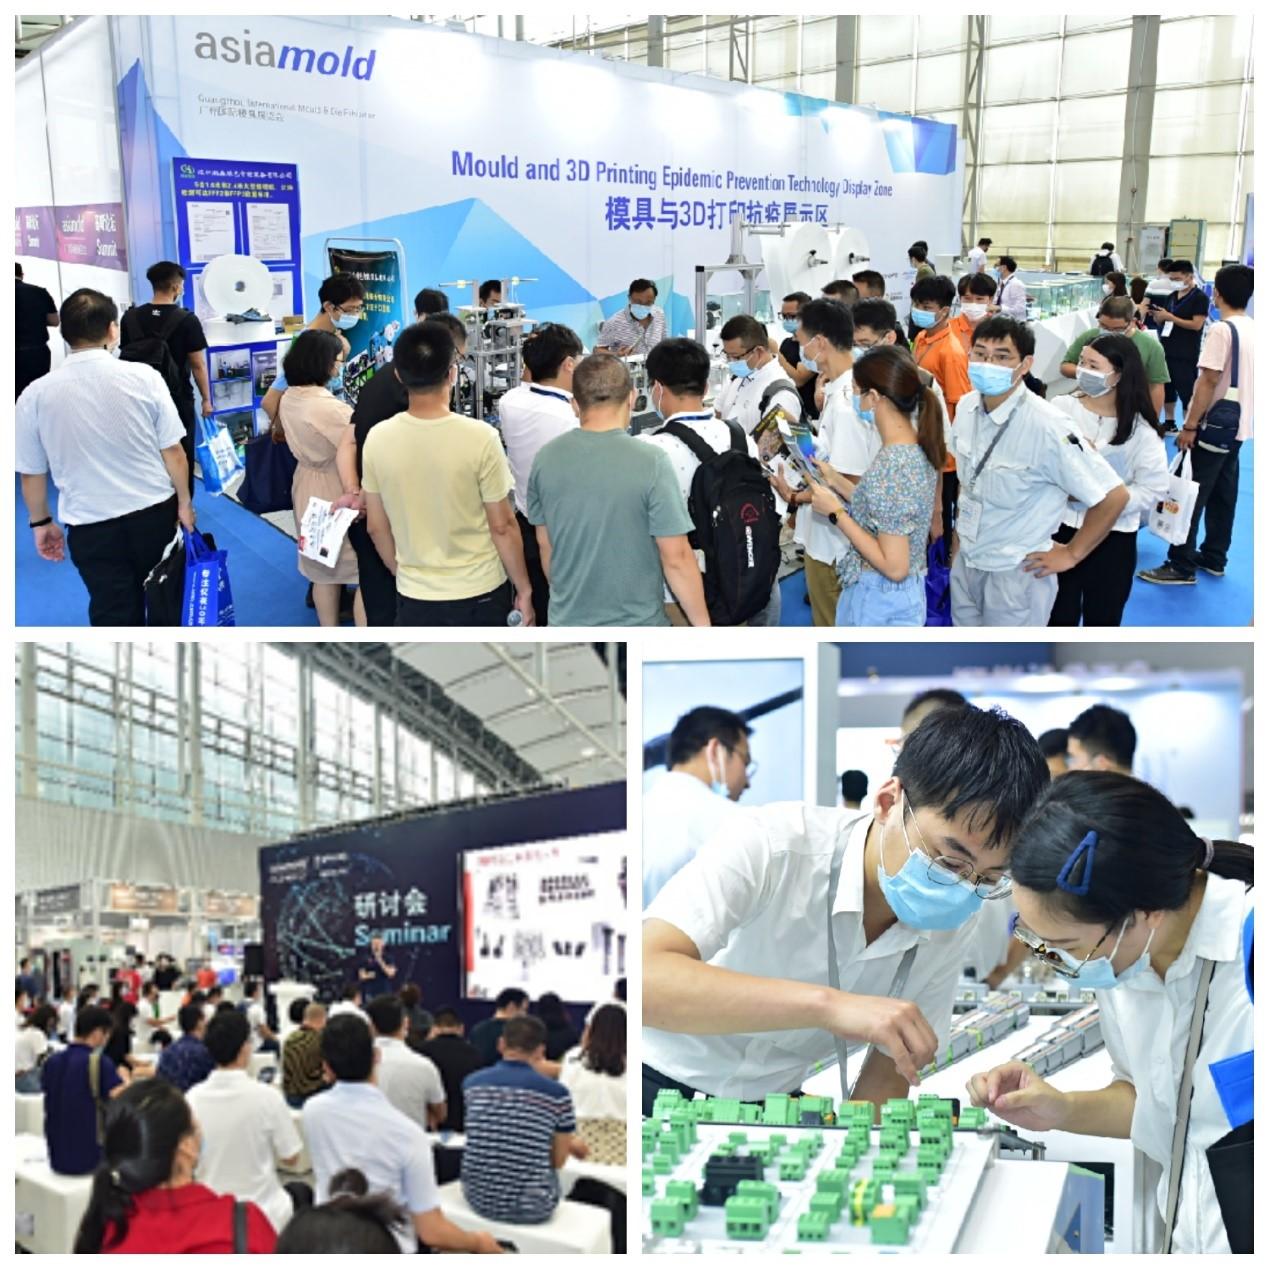 SIAF广州国际工业自动化技术及装备展览会及Asiamold 广州国际模具展于8月13日圆满落幕,迎来655家参展商